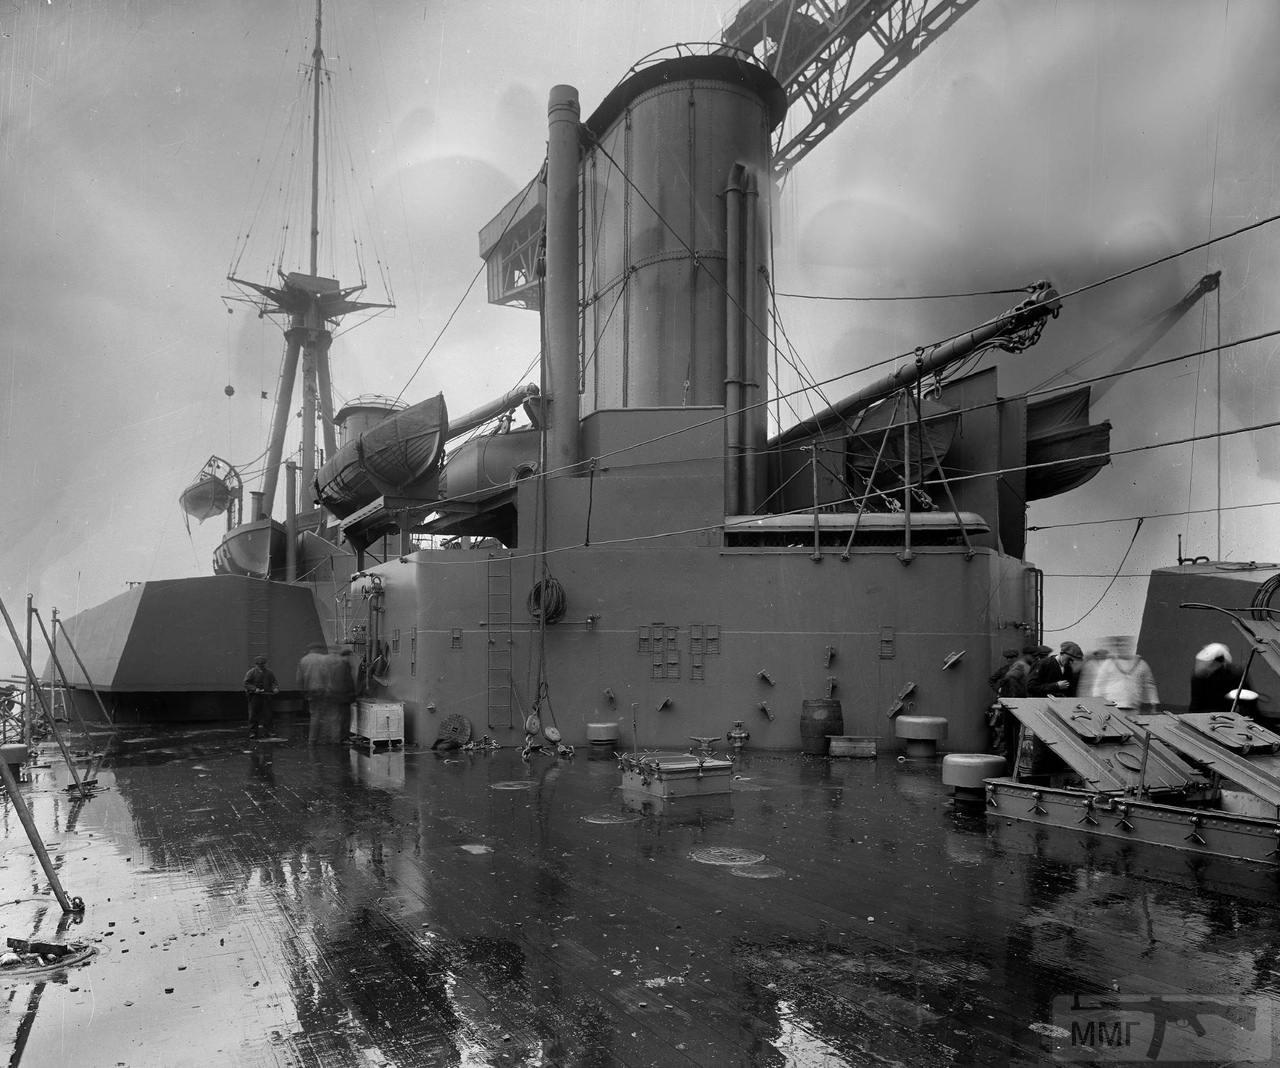 79923 - HMAS Australia